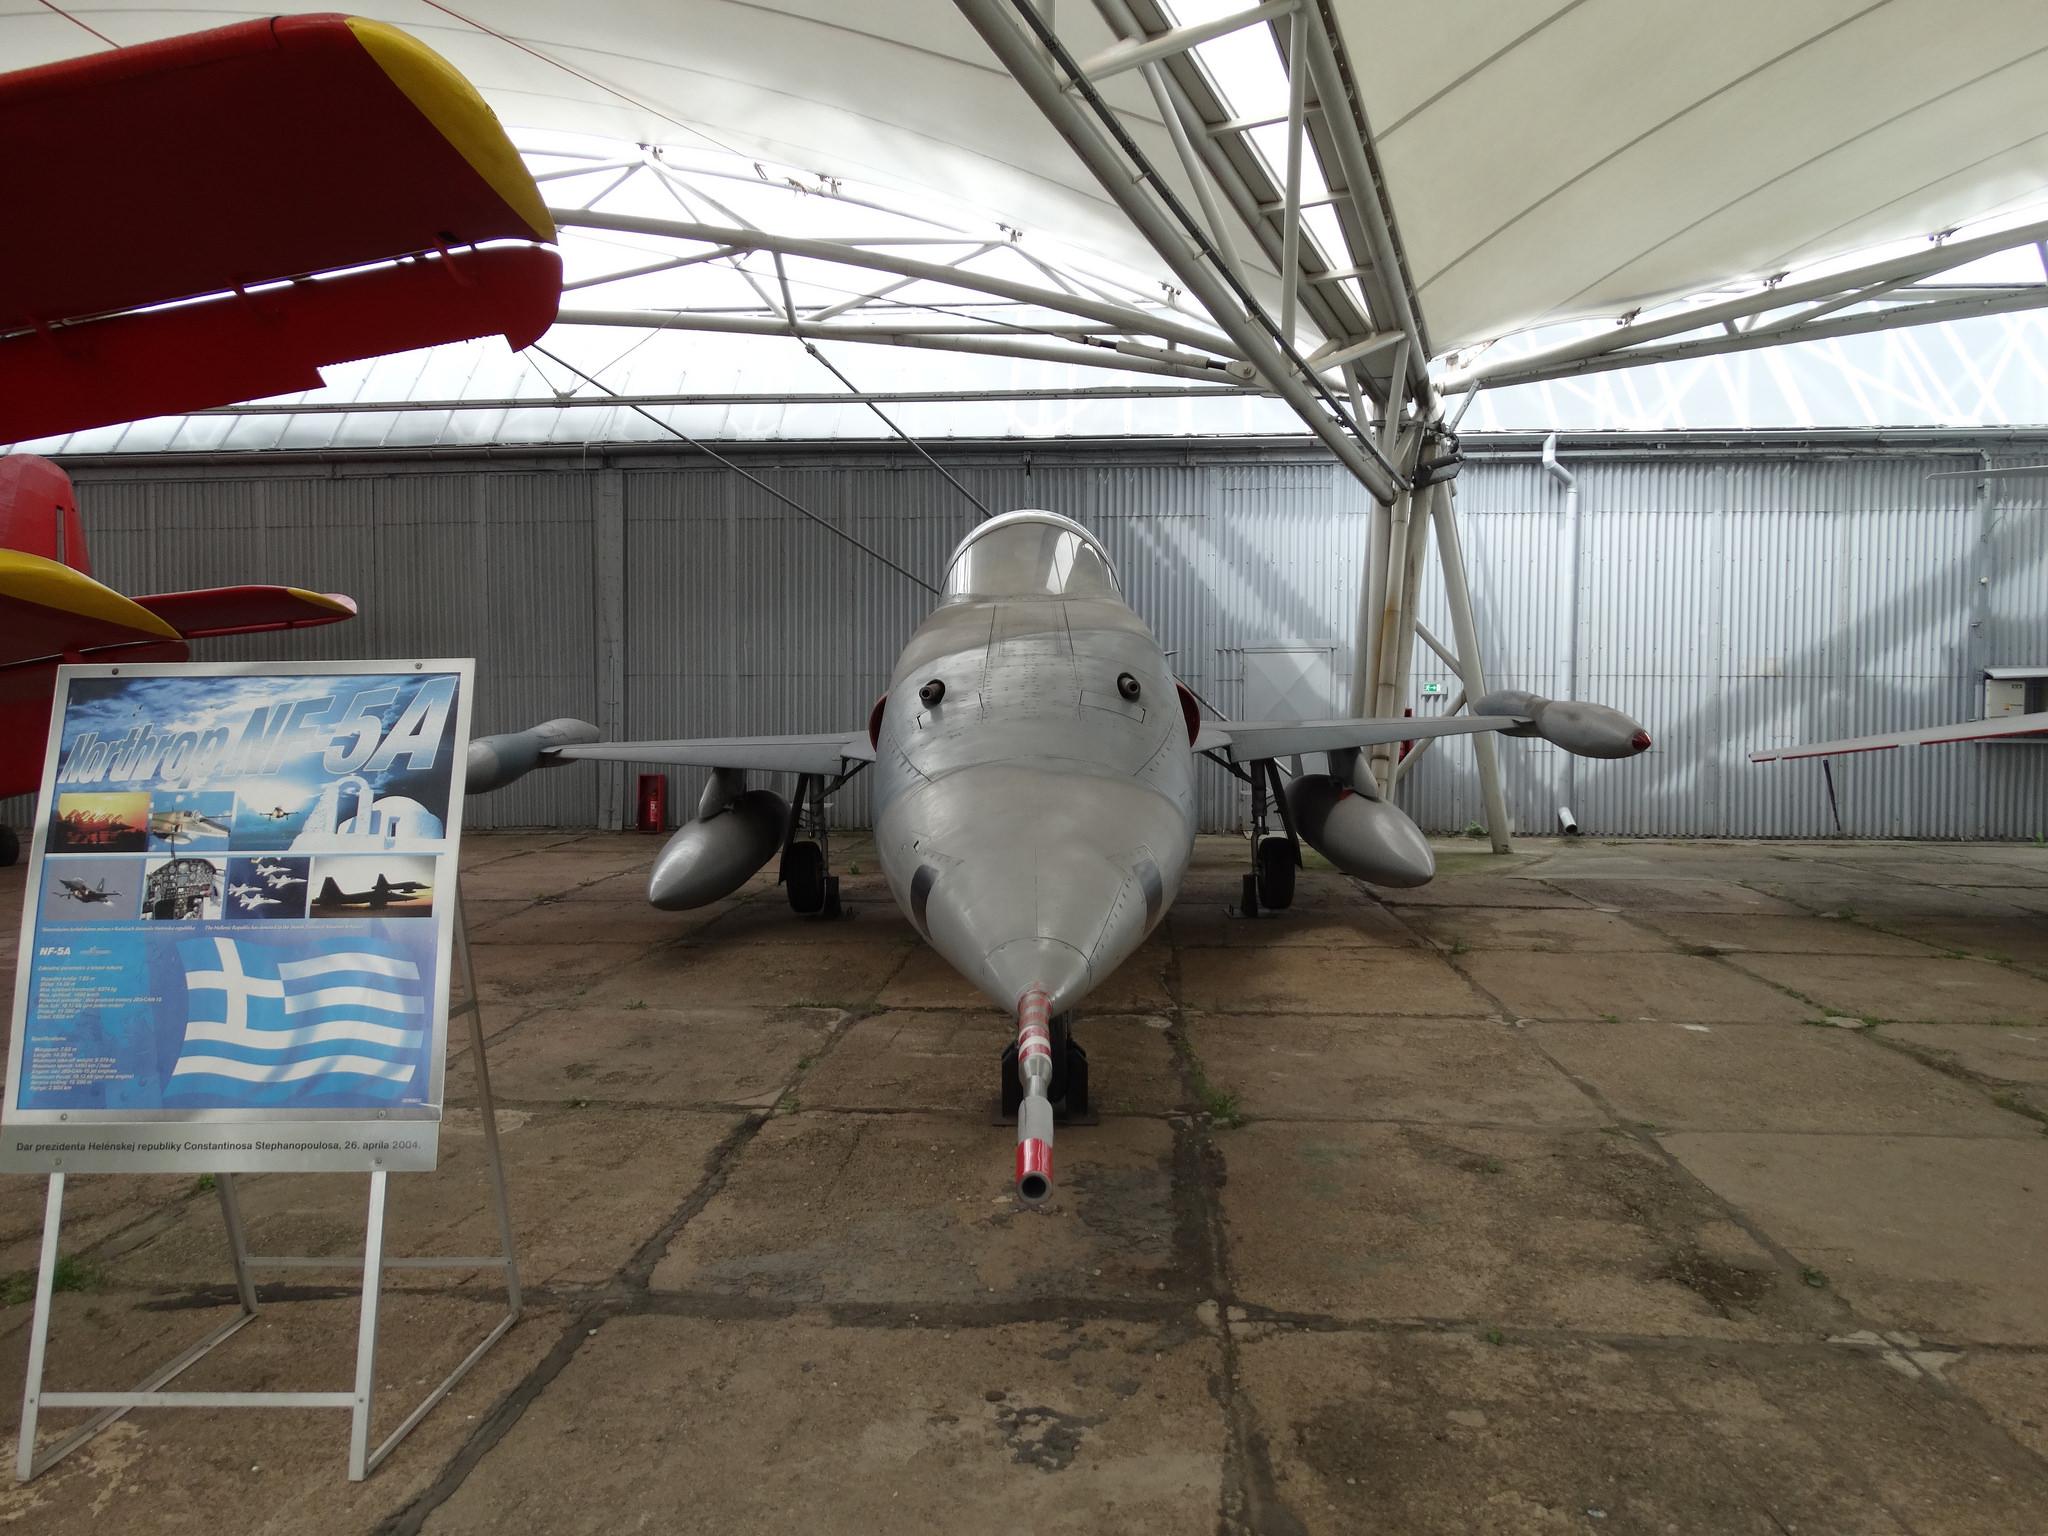 Northrop NF5A